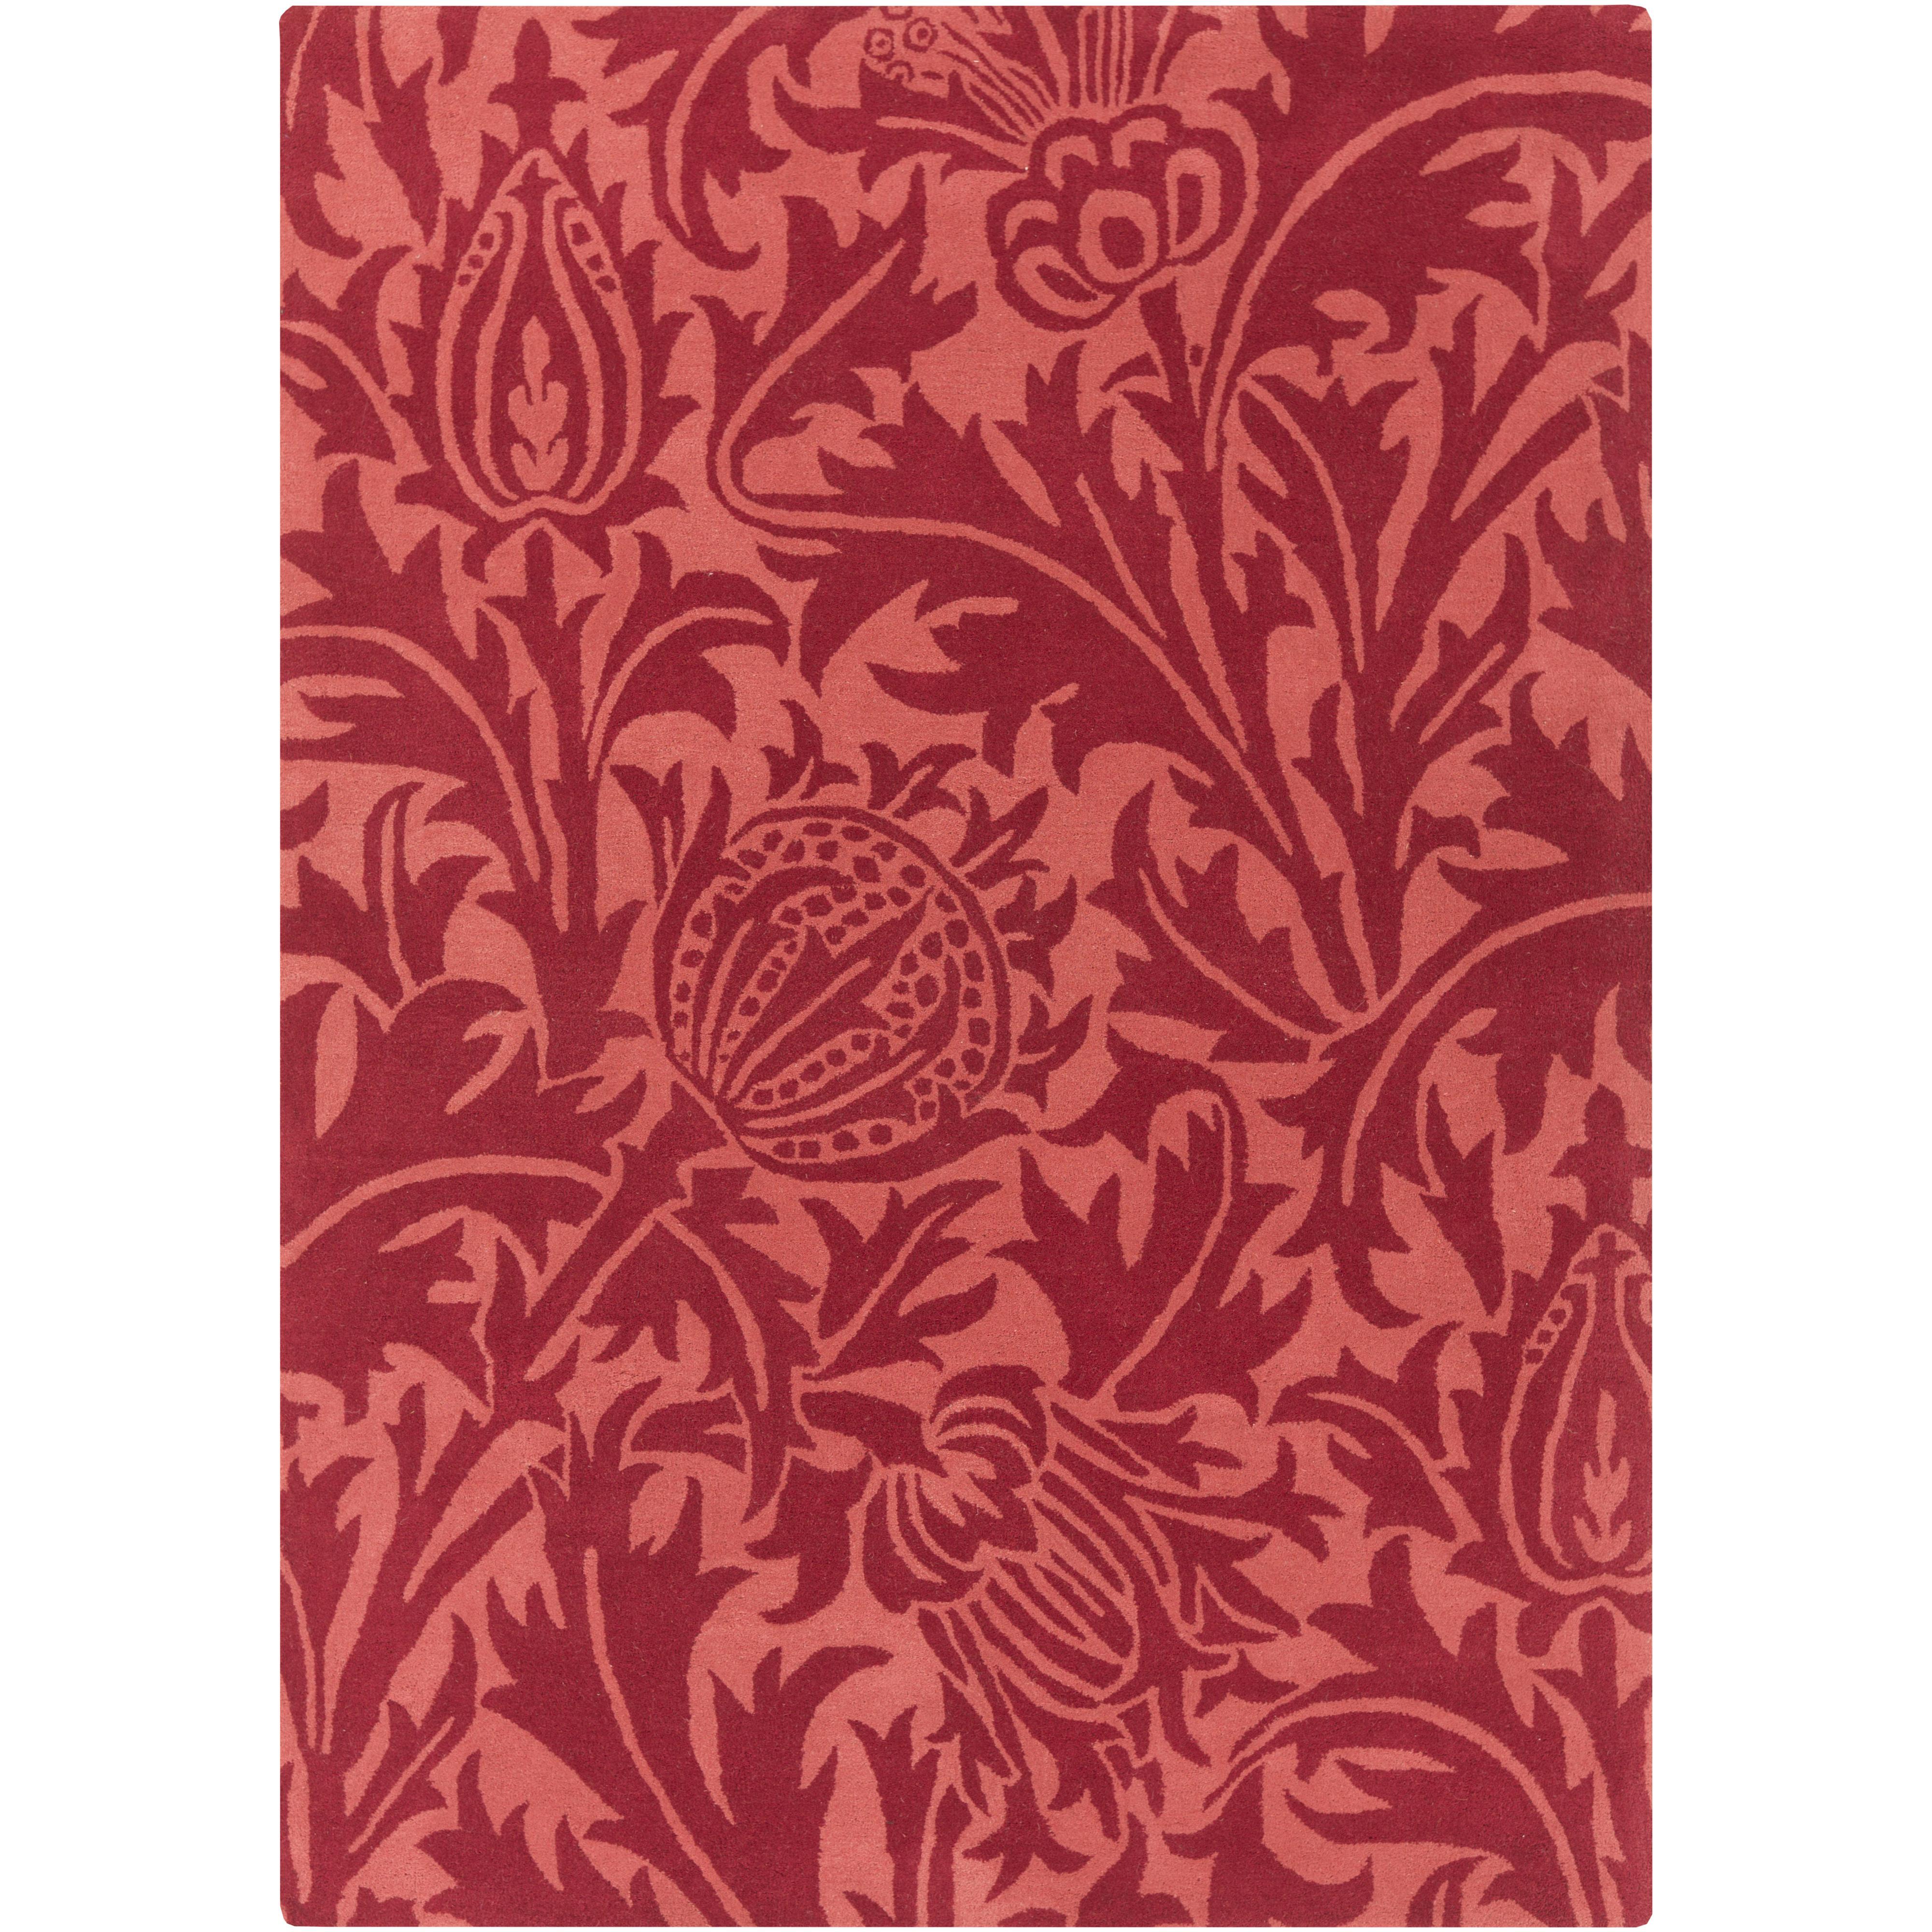 Surya Rugs William Morris 5' x 8' - Item Number: WLM3007-58